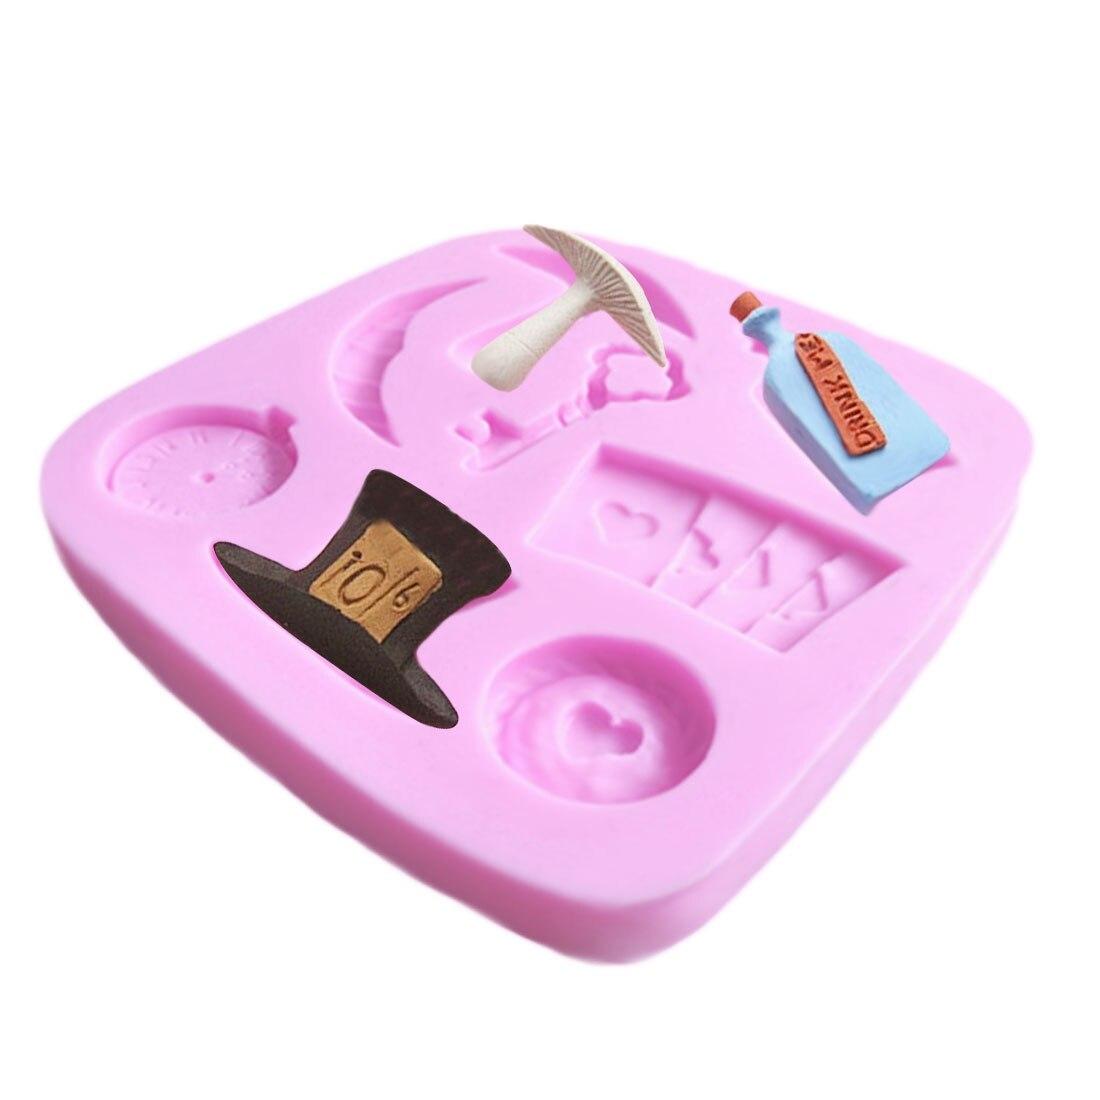 Tarjeta de póker sombrero forma de reloj de calidad alimentaria molde de silicona gelatina y chocolate jabón decoración manualidades herramienta utensilios de cocina para hornear